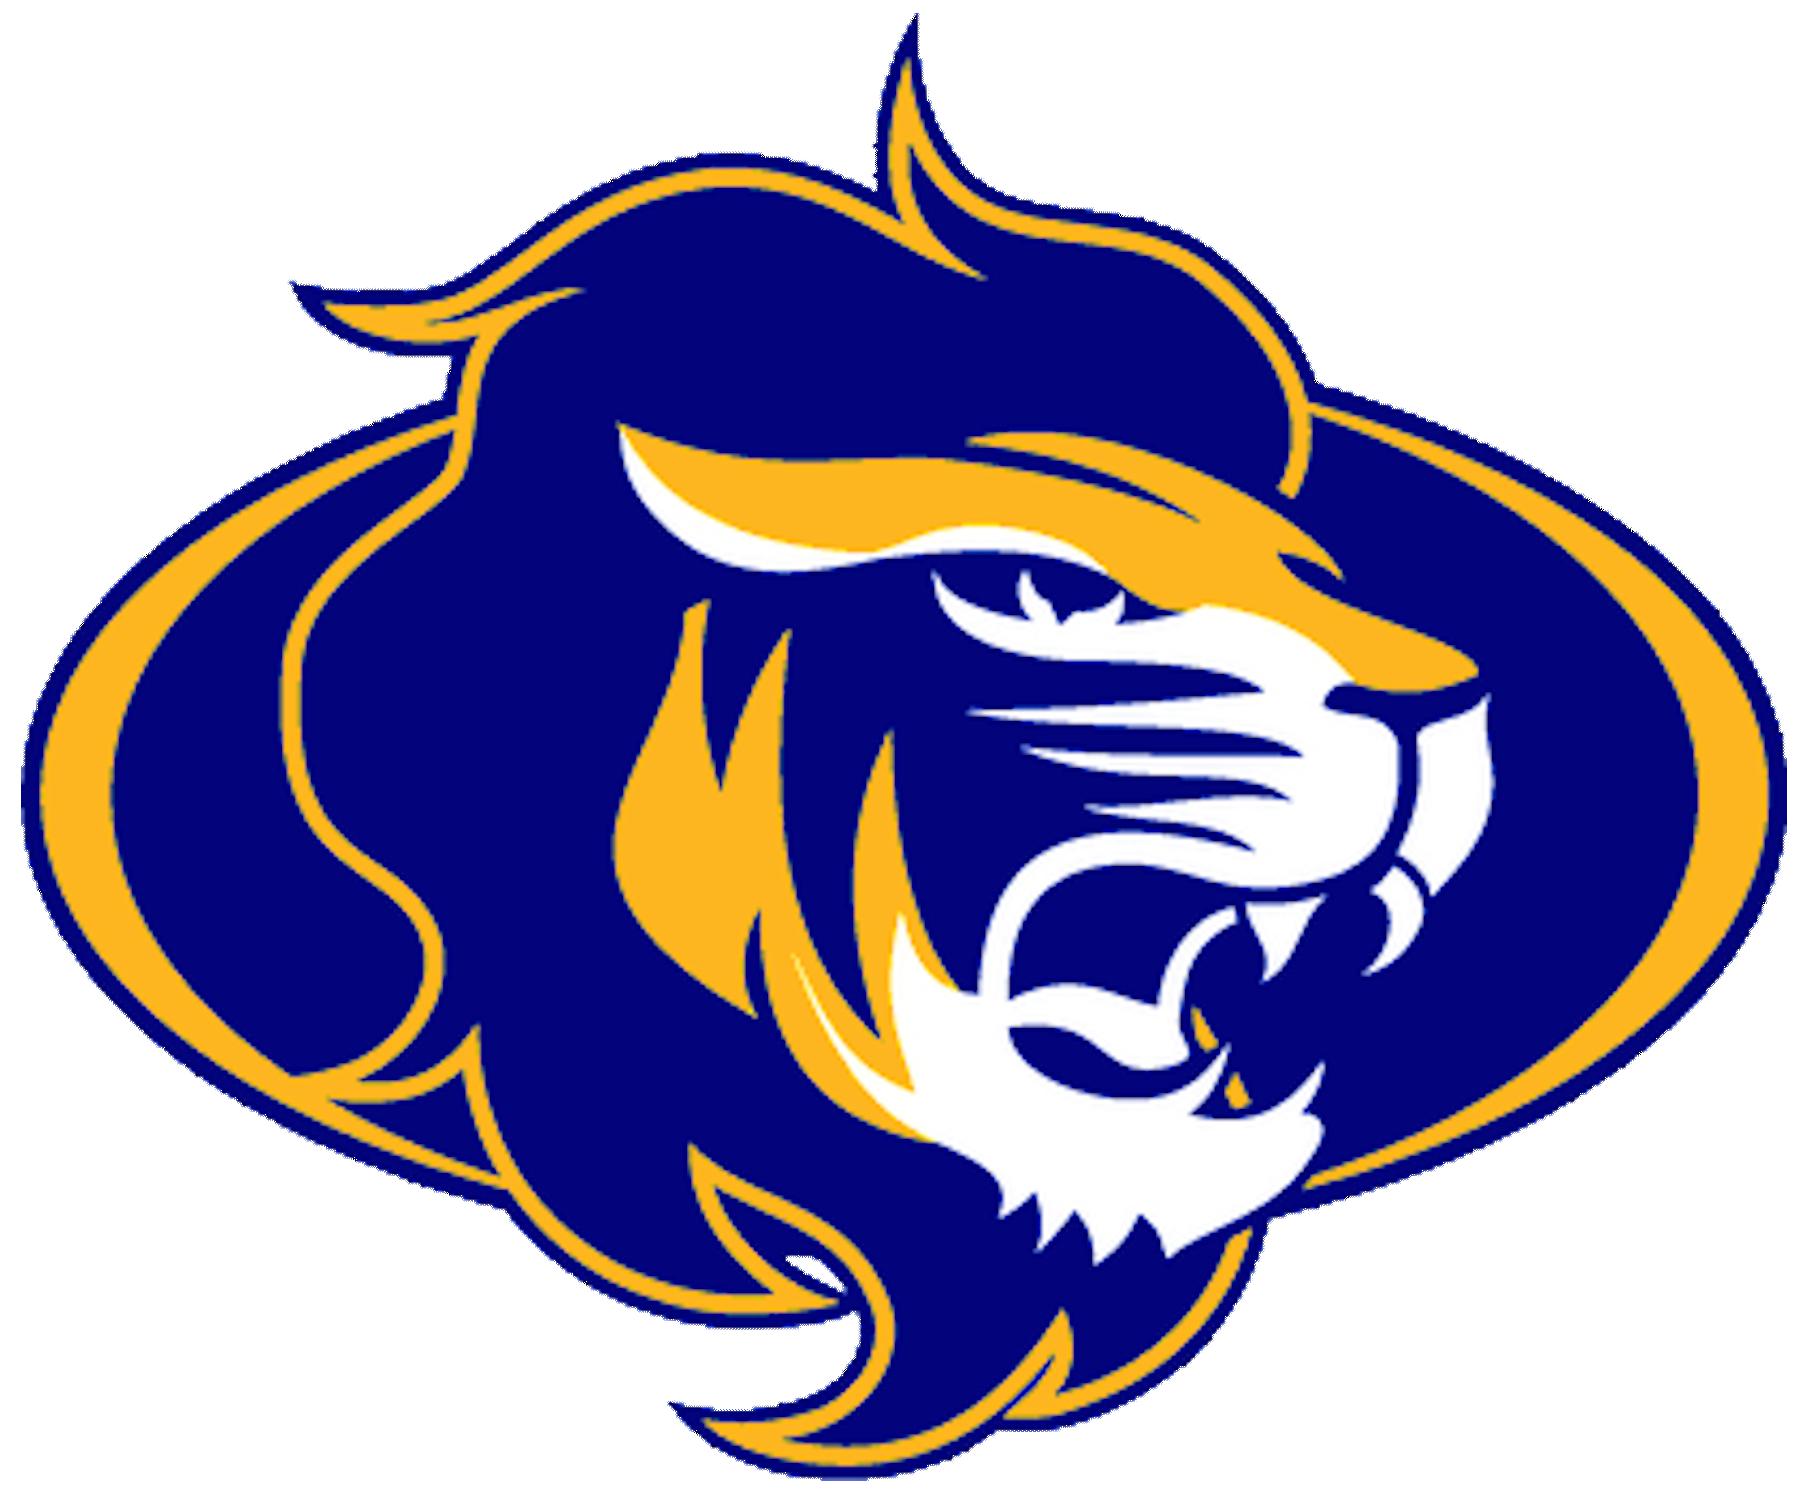 Free clipart lion. Lions logo cut big